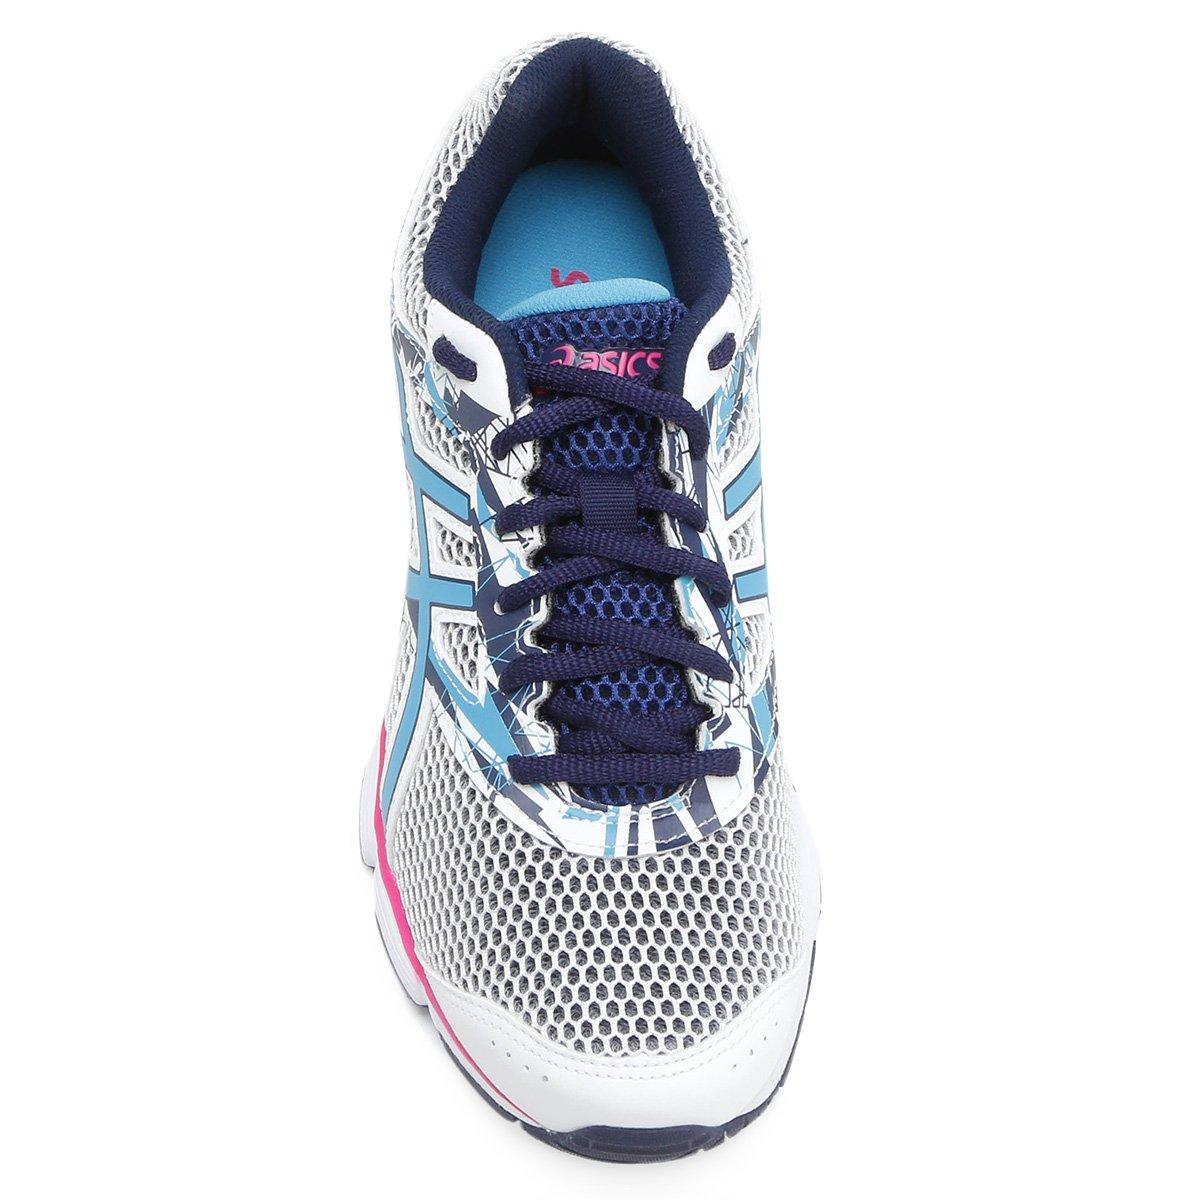 Tênis Asics GEL Excite 4 Feminino - Branco e Azul - Compre Agora ... 3cf45331d666e